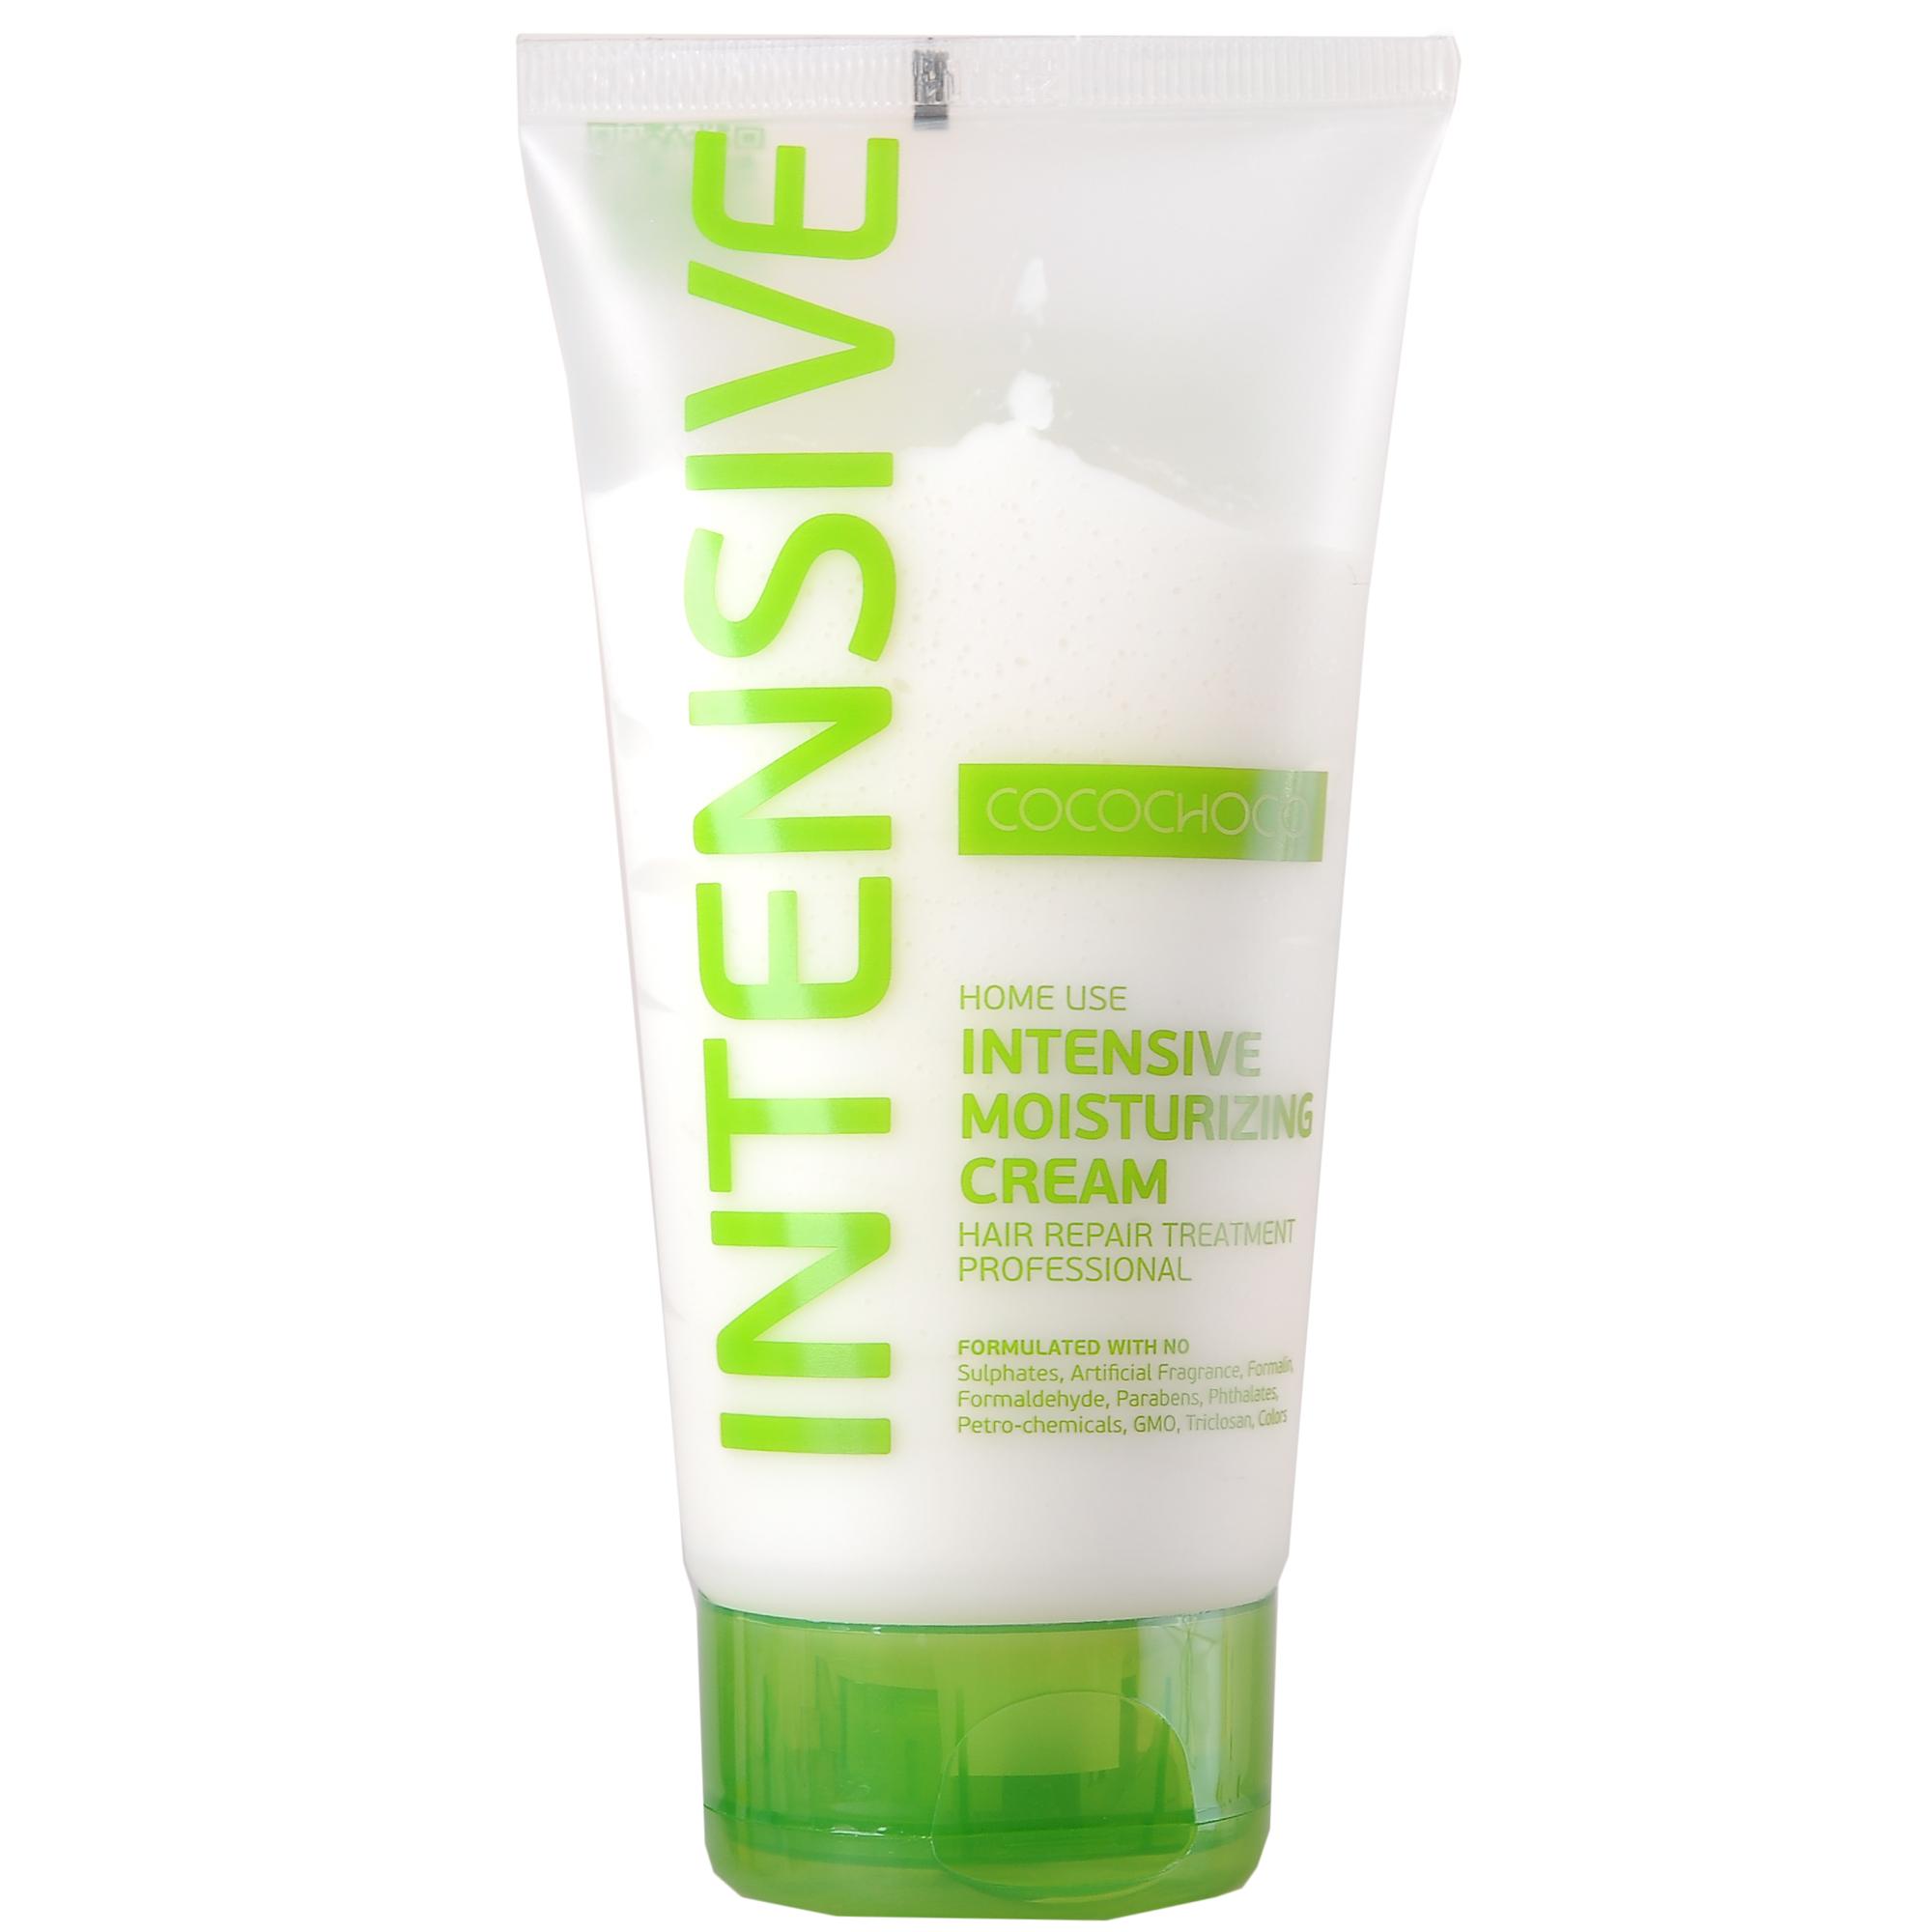 COCOCHOCO Крем-маска для суперинтенсивного увлажнения / INTENSIVE 150 млМаски<br>Крем-маска Intensive Moisturizing Cream для интенсивного увлажнения помогает мгновенно обогатить влагой сухие, пористые, повреждённые волосы. После применения маски волосы становятся гладкими, блестящими, послушными, легко расчёсываются и не требуют много времени для укладки. В случае, если ваши волосы очень повреждены после процедуры окрашивания, маску рекомендуется не смывать. Способ применения: нанесите на подсушенные полотенцем волосы по длине и на концы, прочешите. Оставьте на 5-10 минут, тщательно смойте. Использовать 1-2 раза в неделю. Активные ингредиенты: KERAMIMIC   натуральный кватернизированный кератин, технология биомиметики воссоздает материю волоса, восстанавливает полипиптидные цепочки, саморегулируемая формула. MIRUSTYLE   снижает пушистость, придает гладкость волосам, отлично работает как на прямых, так и на вьющихся волосах. LUSTRAPLEX   интенсивный компонент глубокого действия, распутывает волосы и облегчает расчесывание, придает сияние и блеск.<br><br>Тип: Крем-маска<br>Объем: 150 мл